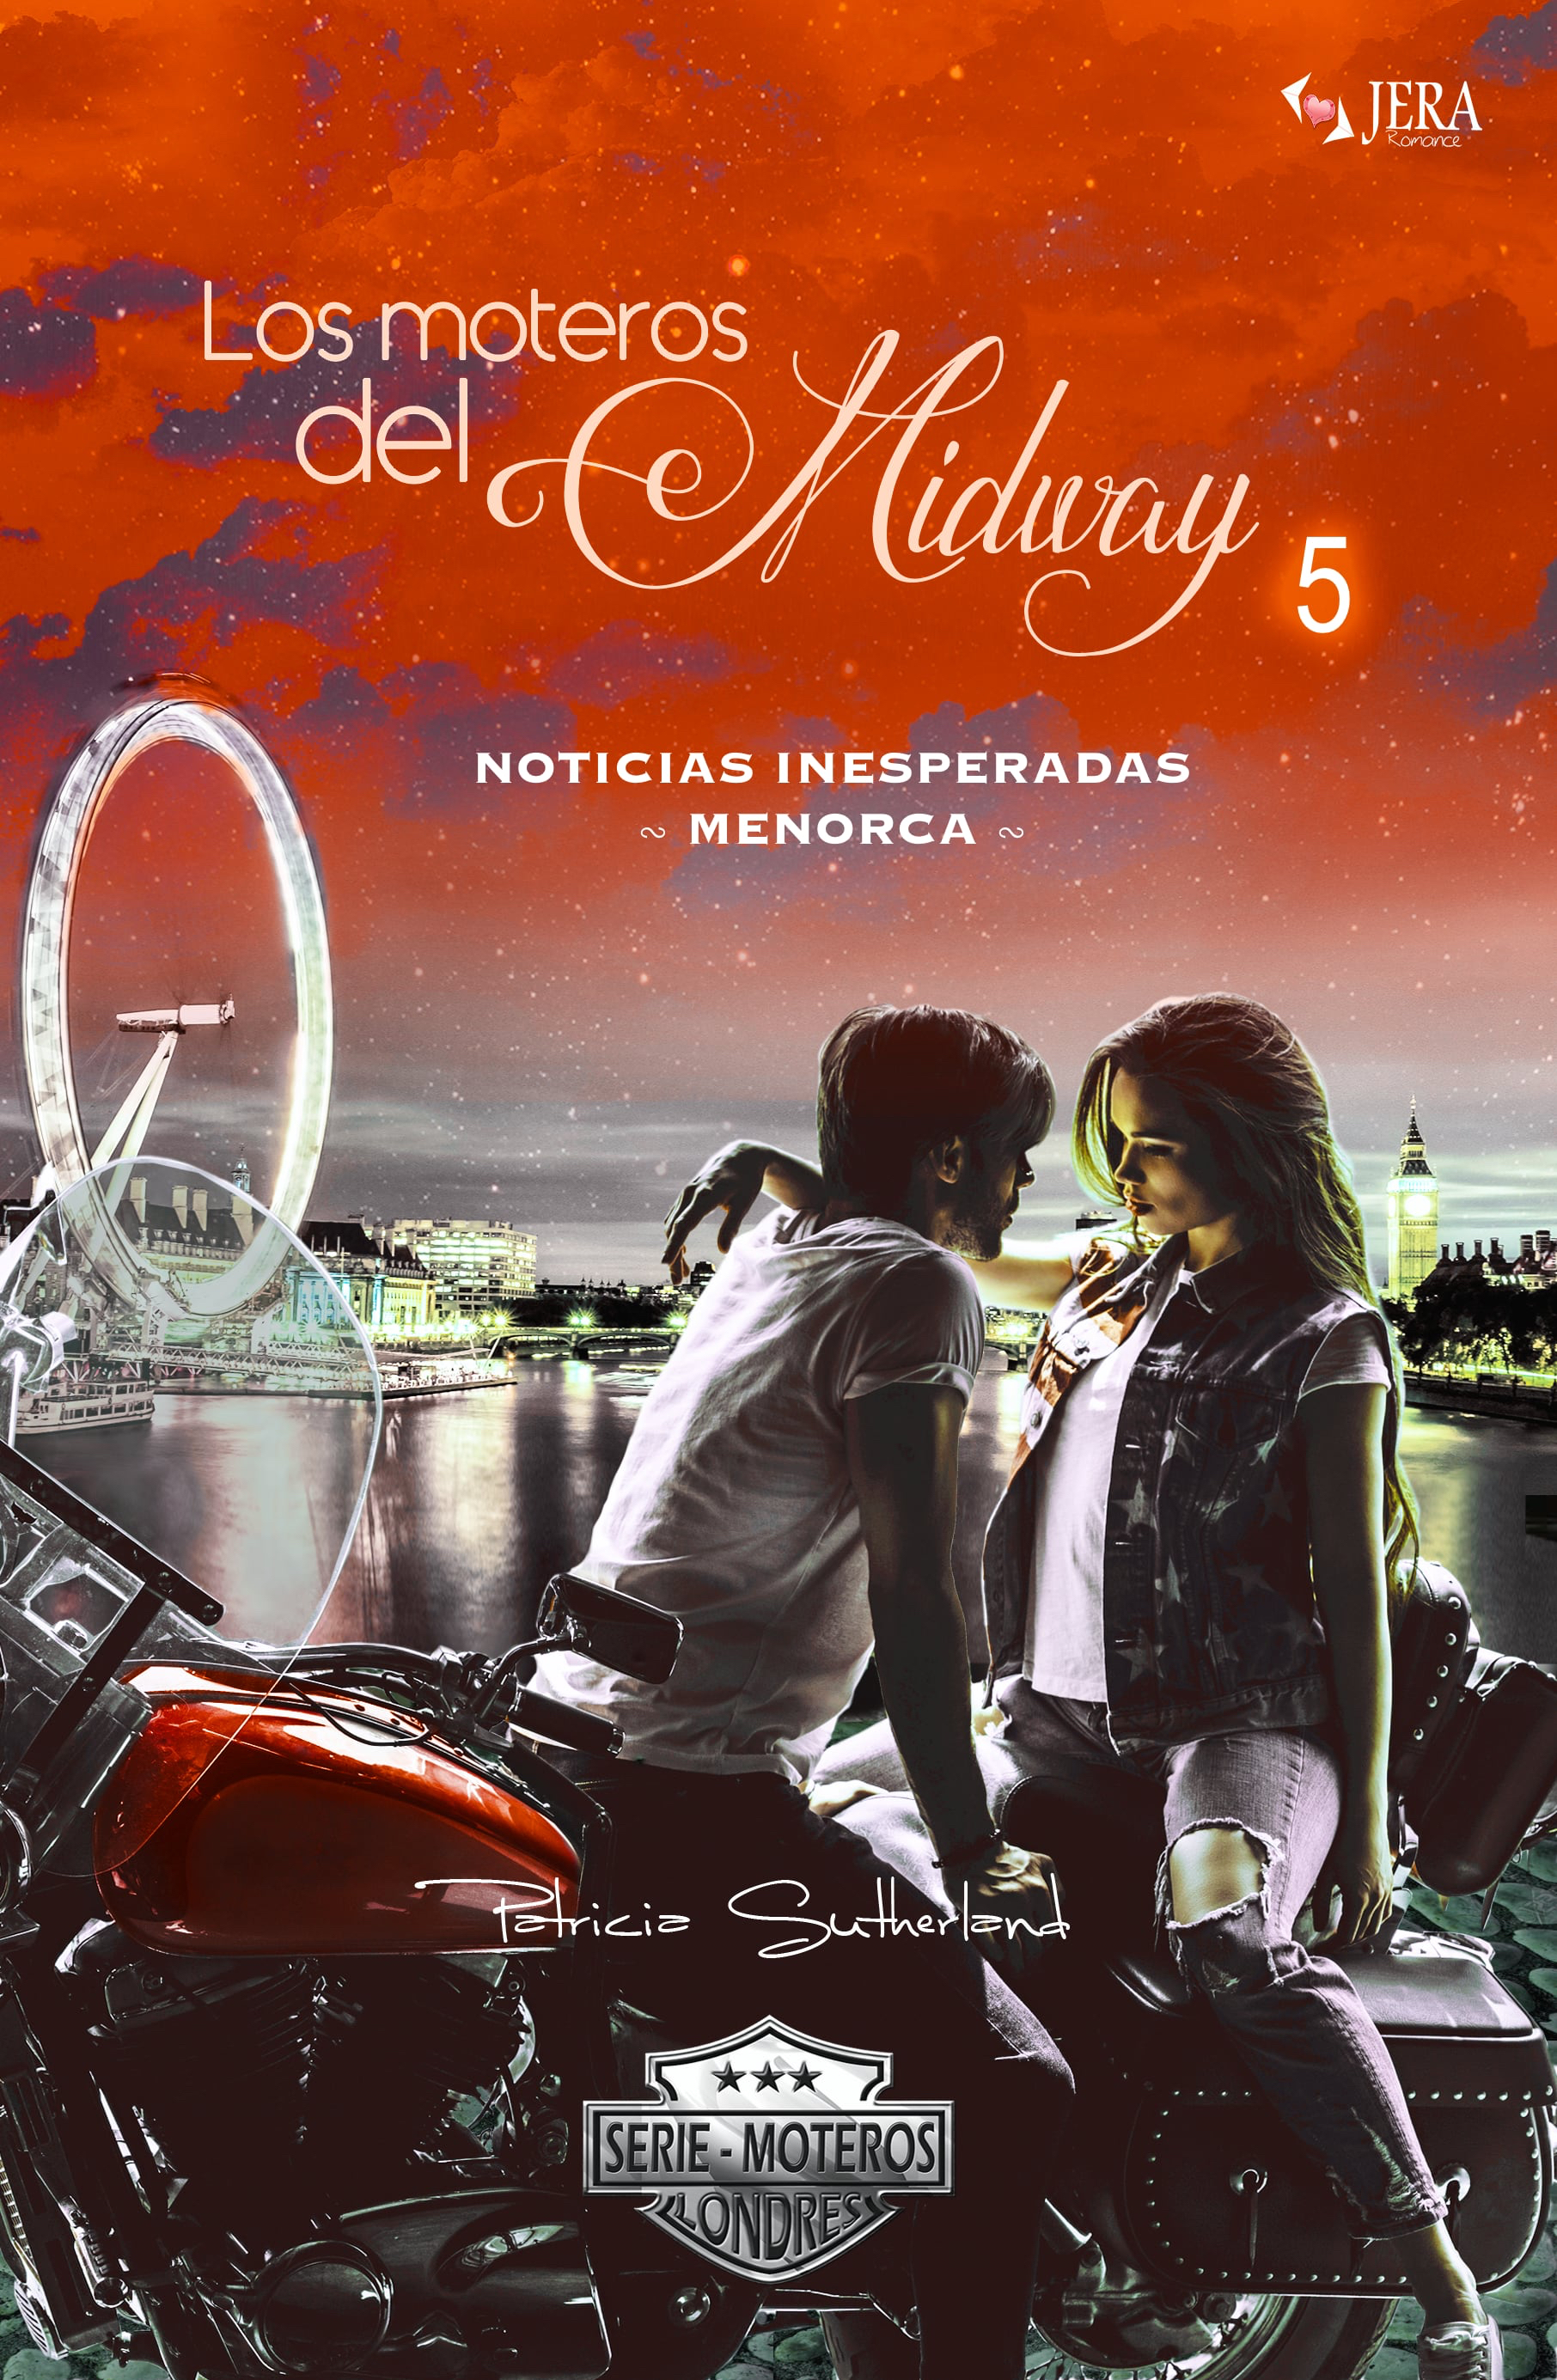 Los moteros del MidWay, 5. Noticias inesperadas. Menorca. Extras Serie Moteros # 11